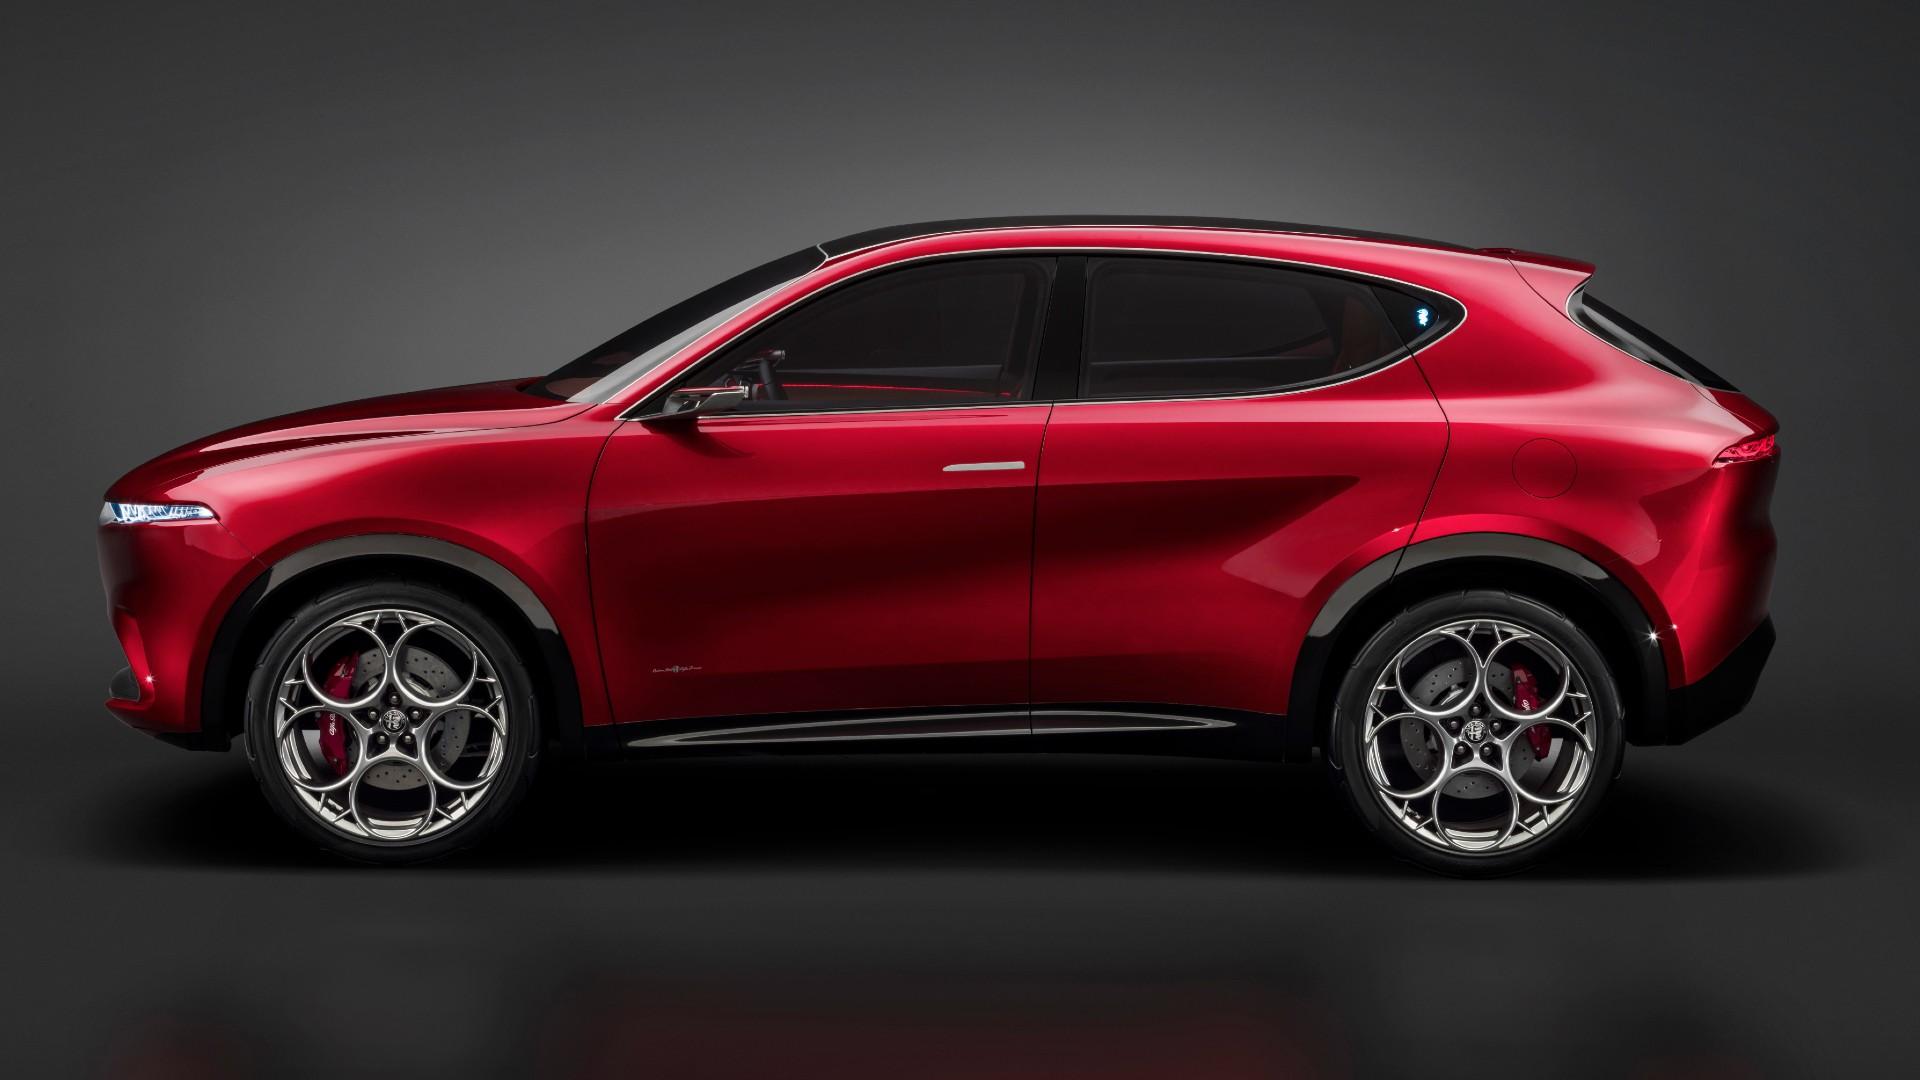 Η Alfa Romeo ποντάρει στην ποιότητα της Tonale – Πότε θα κυκλοφορήσει το νέο της SUV;